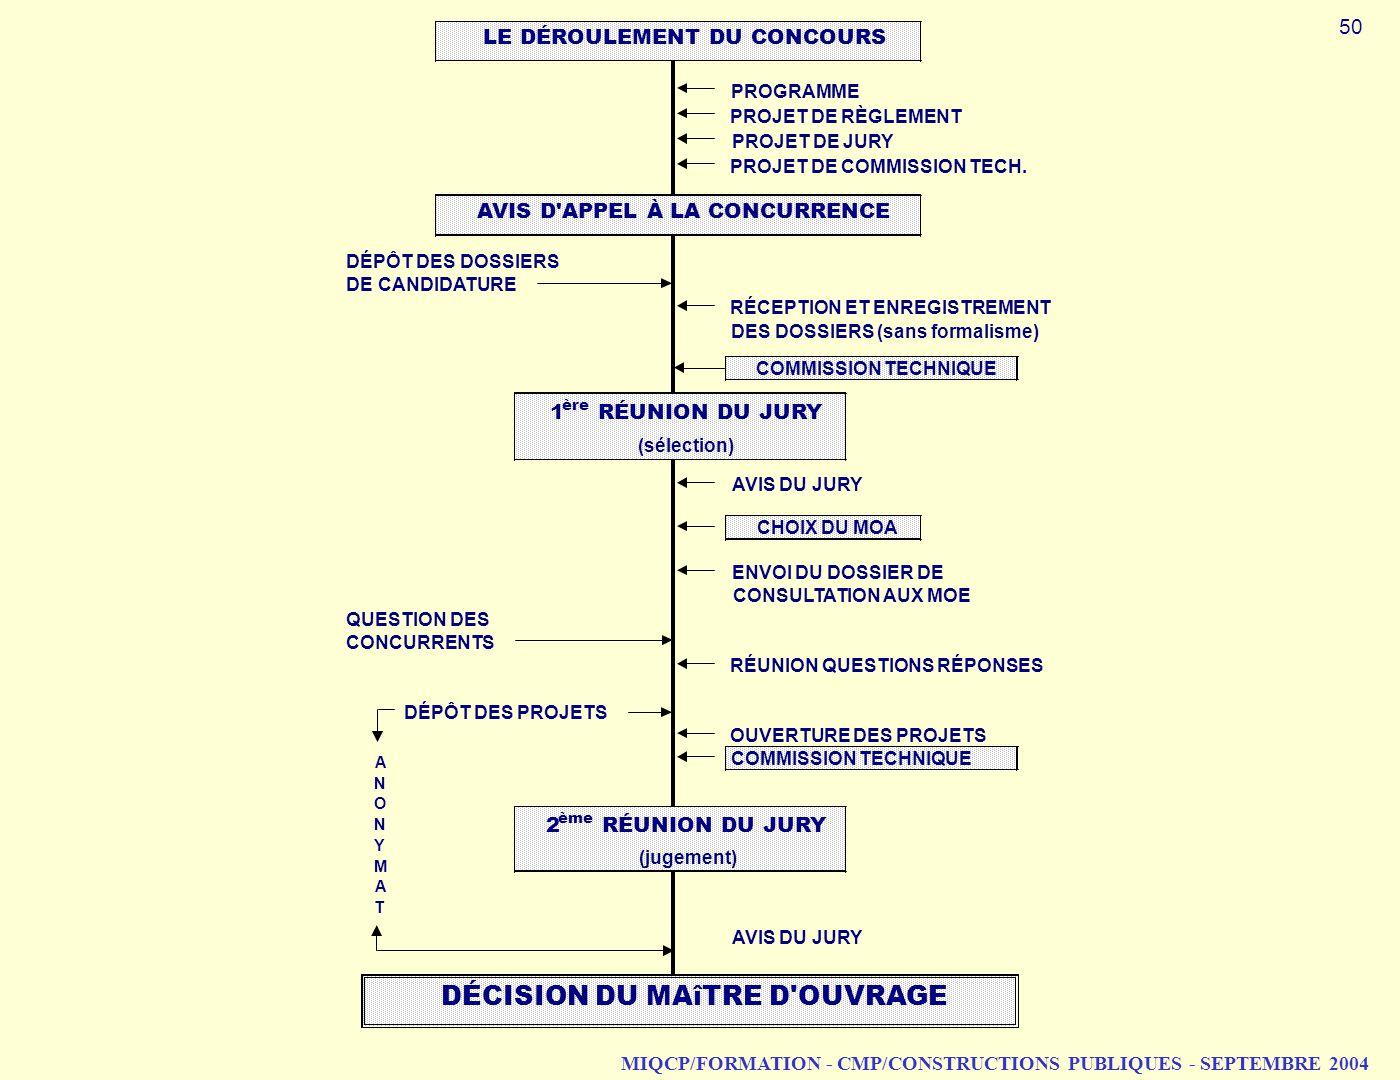 MIQCP/FORMATION - CMP/CONSTRUCTIONS PUBLIQUES - SEPTEMBRE 2004 PROGRAMME PROJET DE RÈGLEMENT PROJET DE JURY PROJET DE COMMISSION TECH. DÉPÔT DES DOSSI